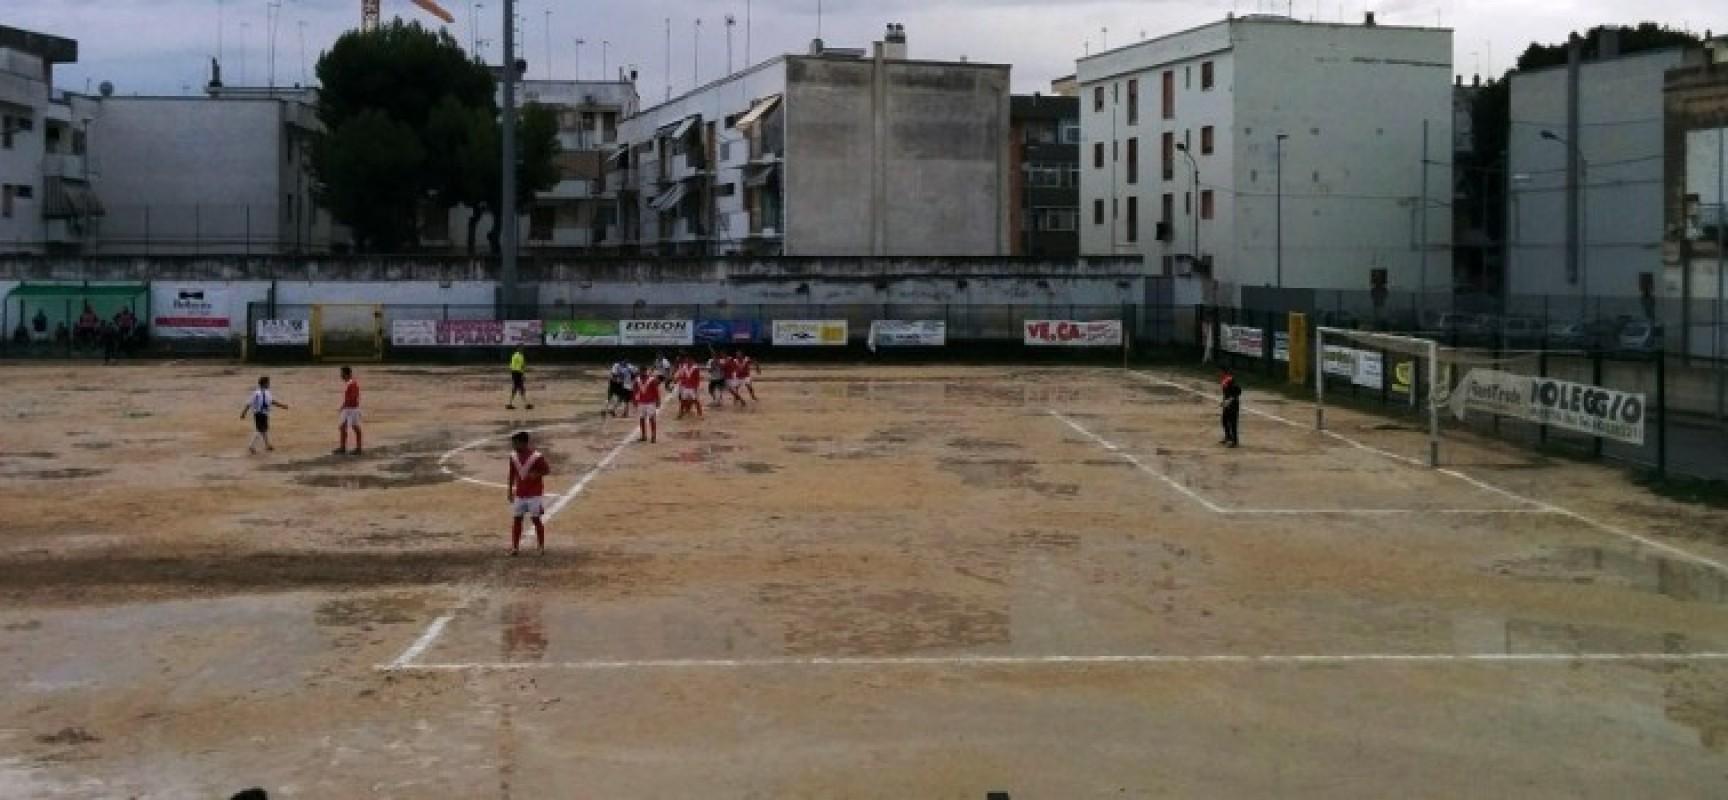 Coppa Puglia: Unione Calcio-Nuova Molfetta 1-0, decide Pasculli